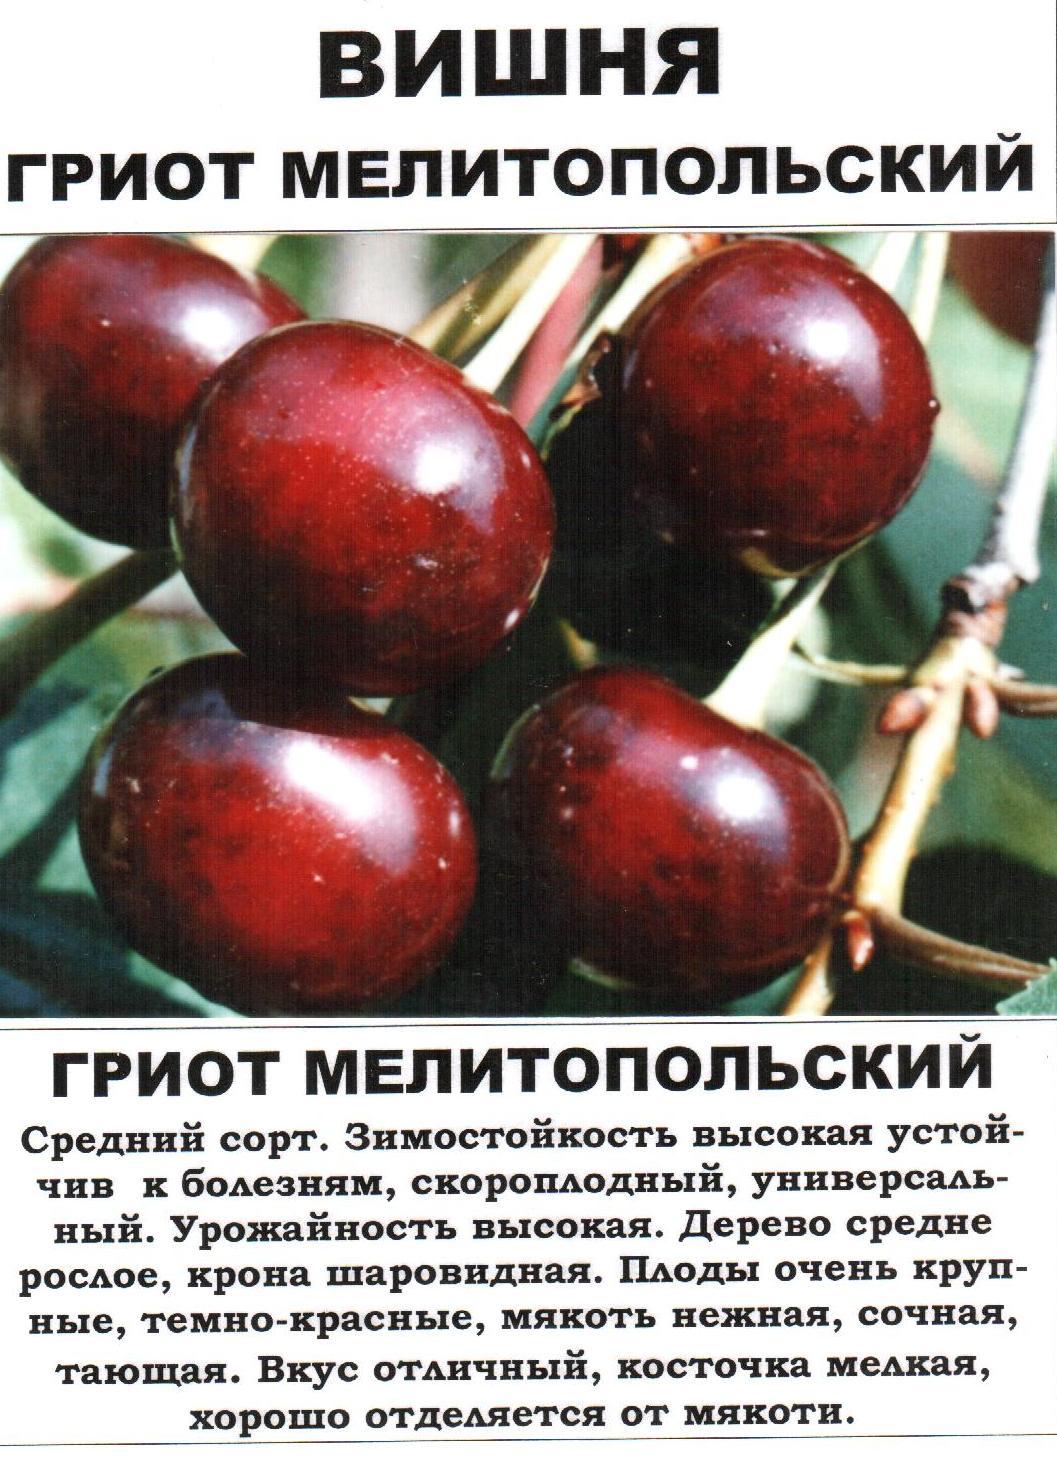 Сорта вишни — лучшие сорта для средней полосы россии, описание и особенности выращивания в саду (90 фото)